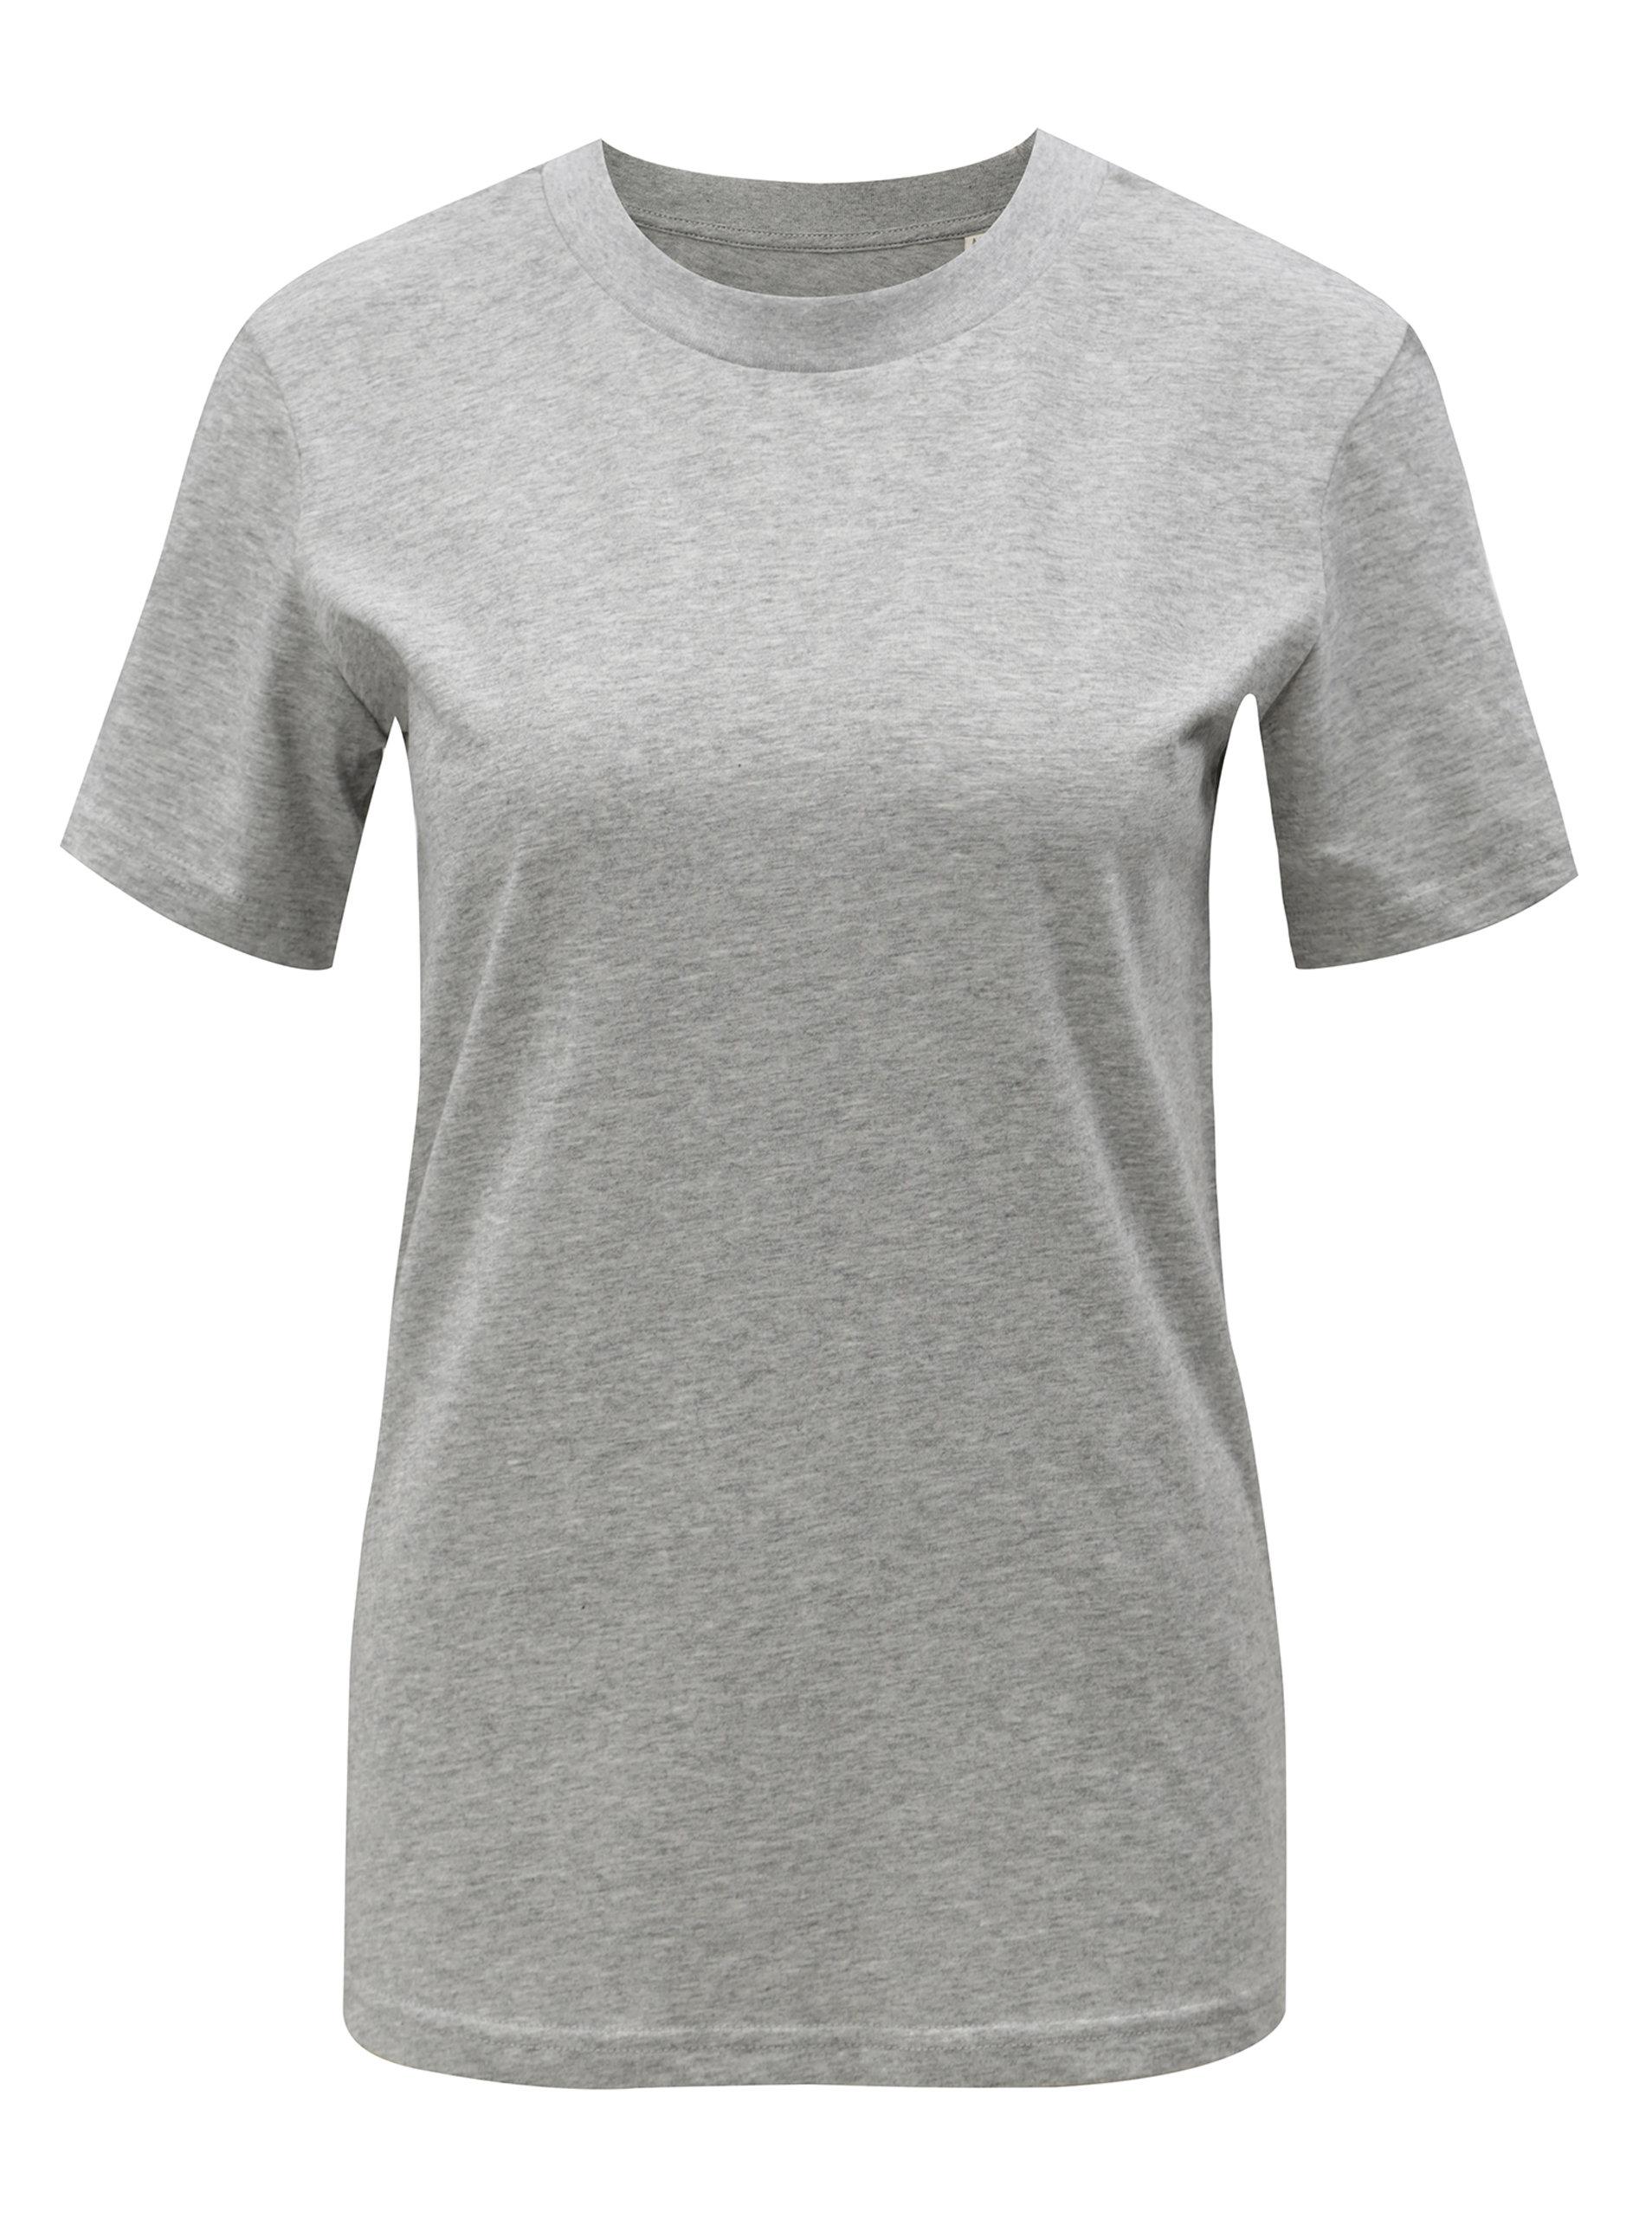 Šedé dámské žíhané tričko Stanley   Stella Selects ... c6cc3cea31c